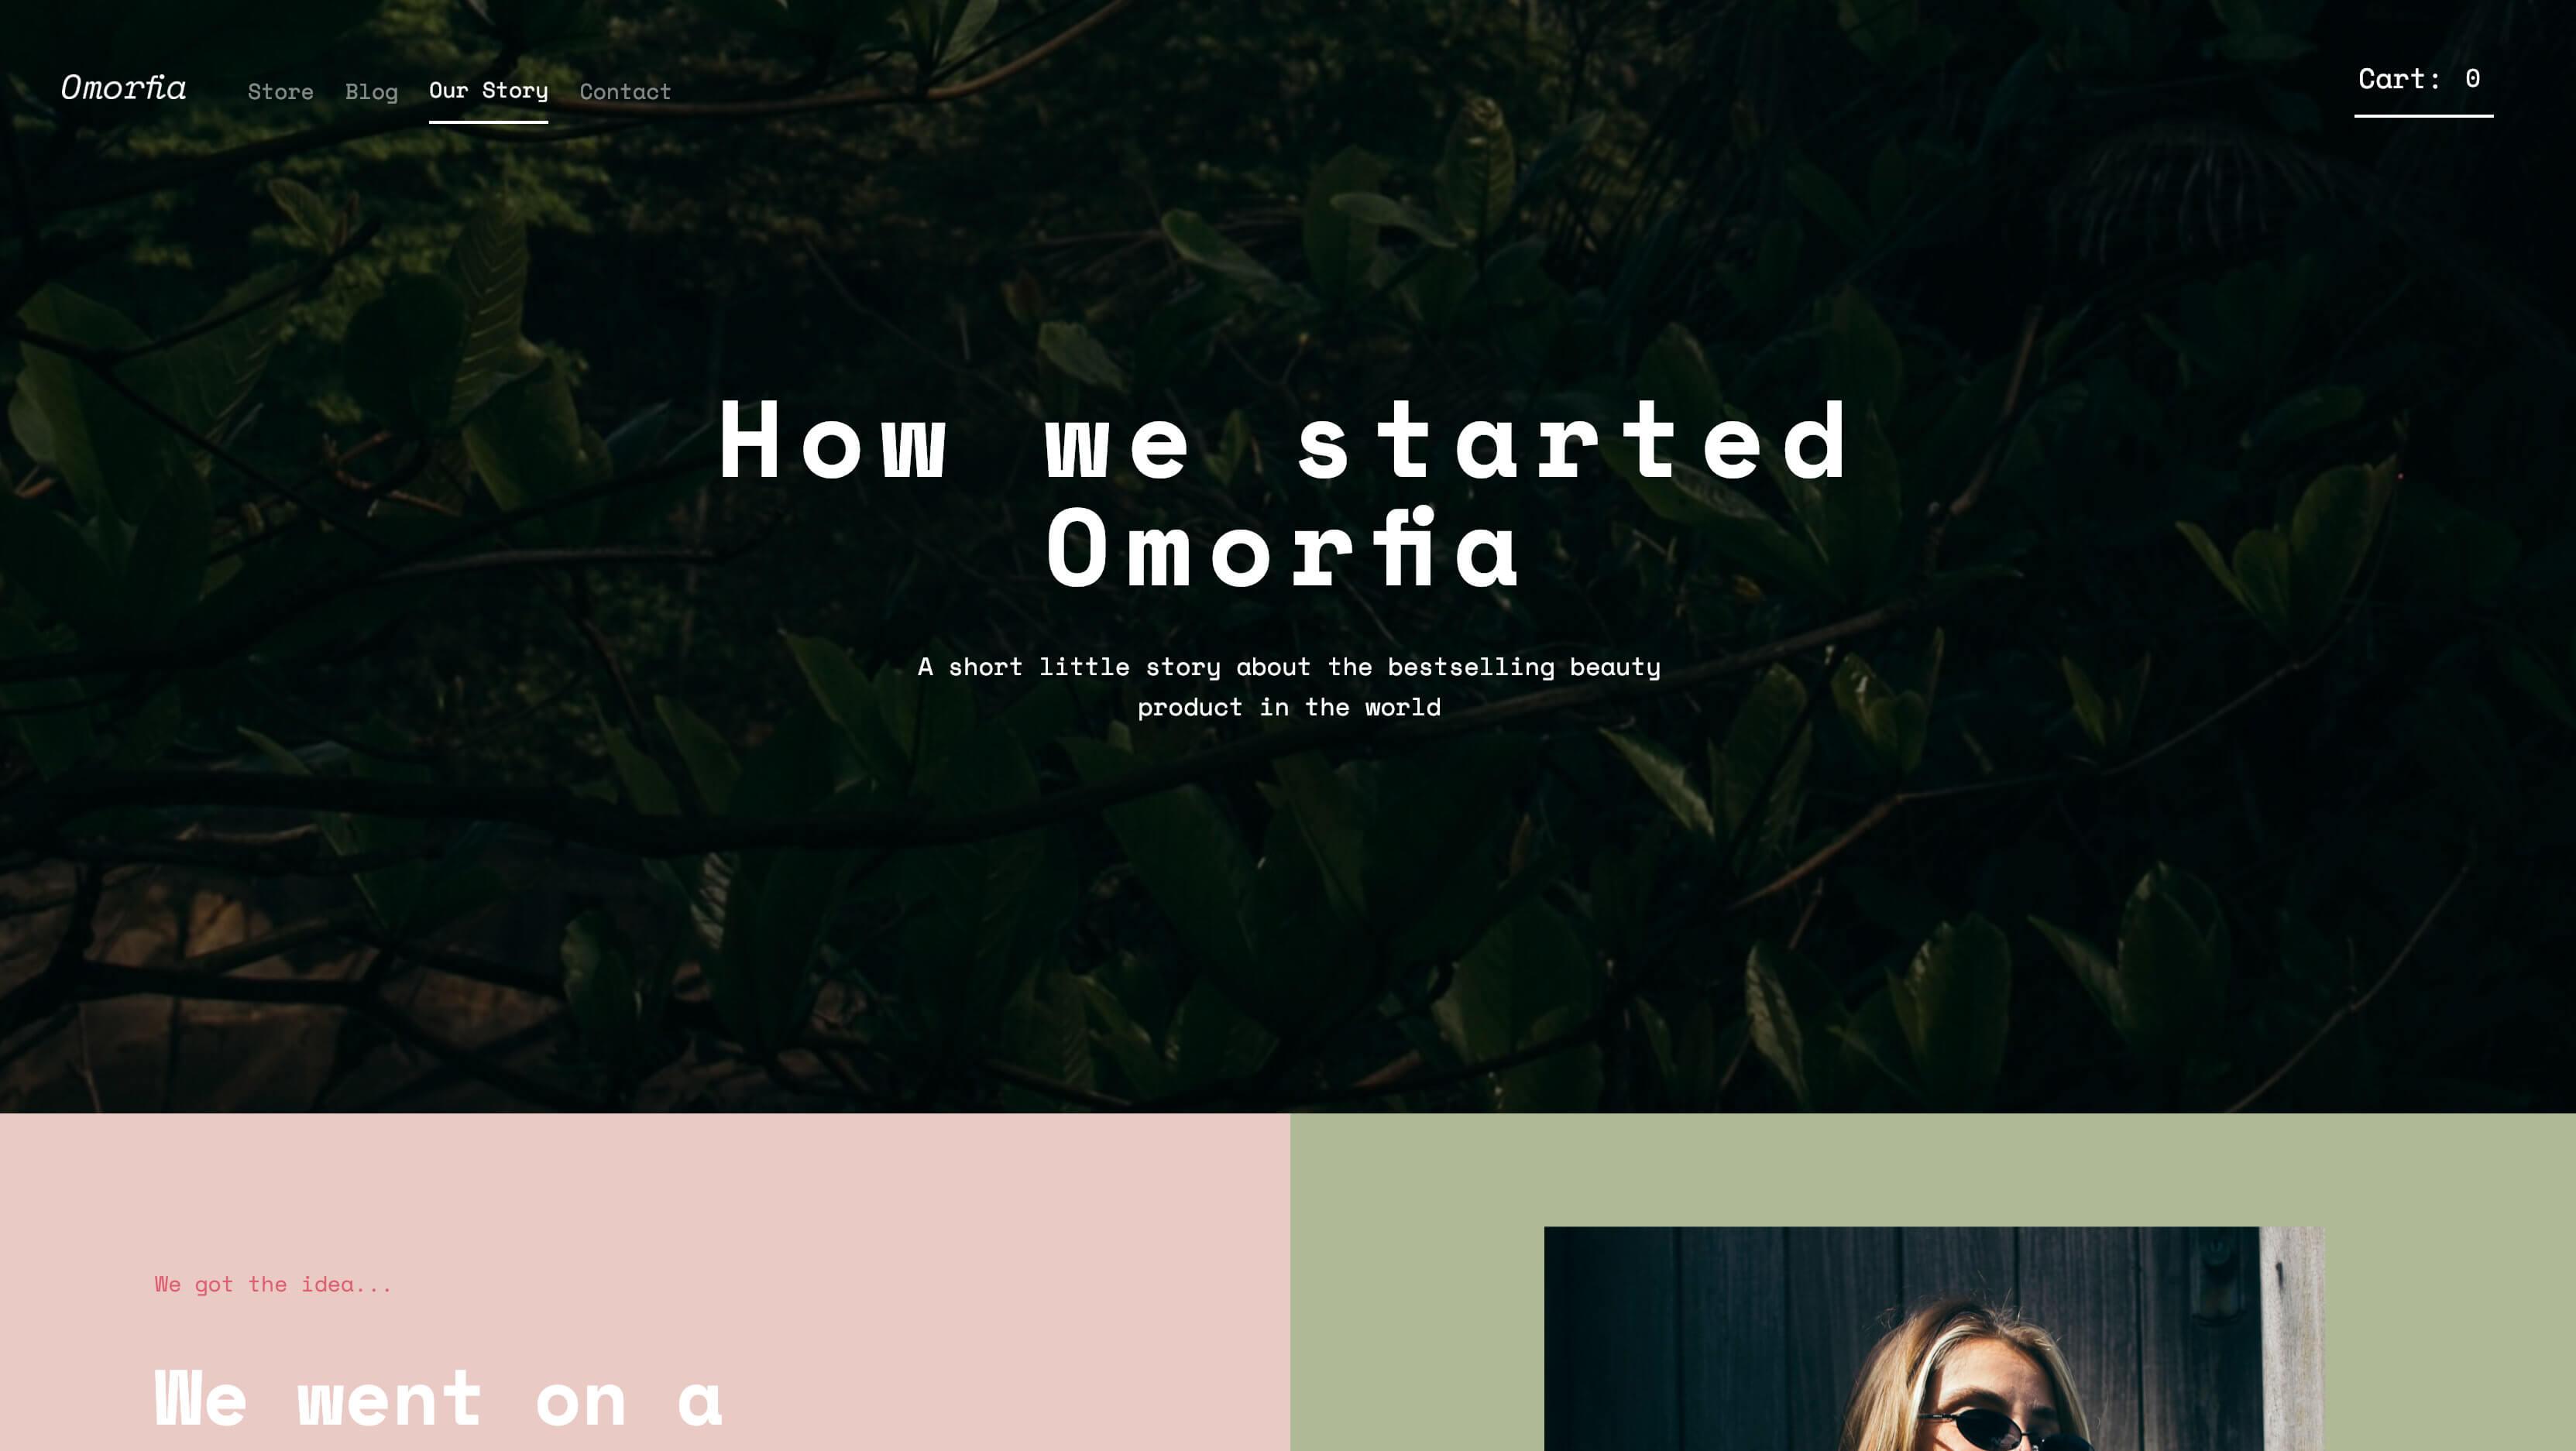 omorfia-7